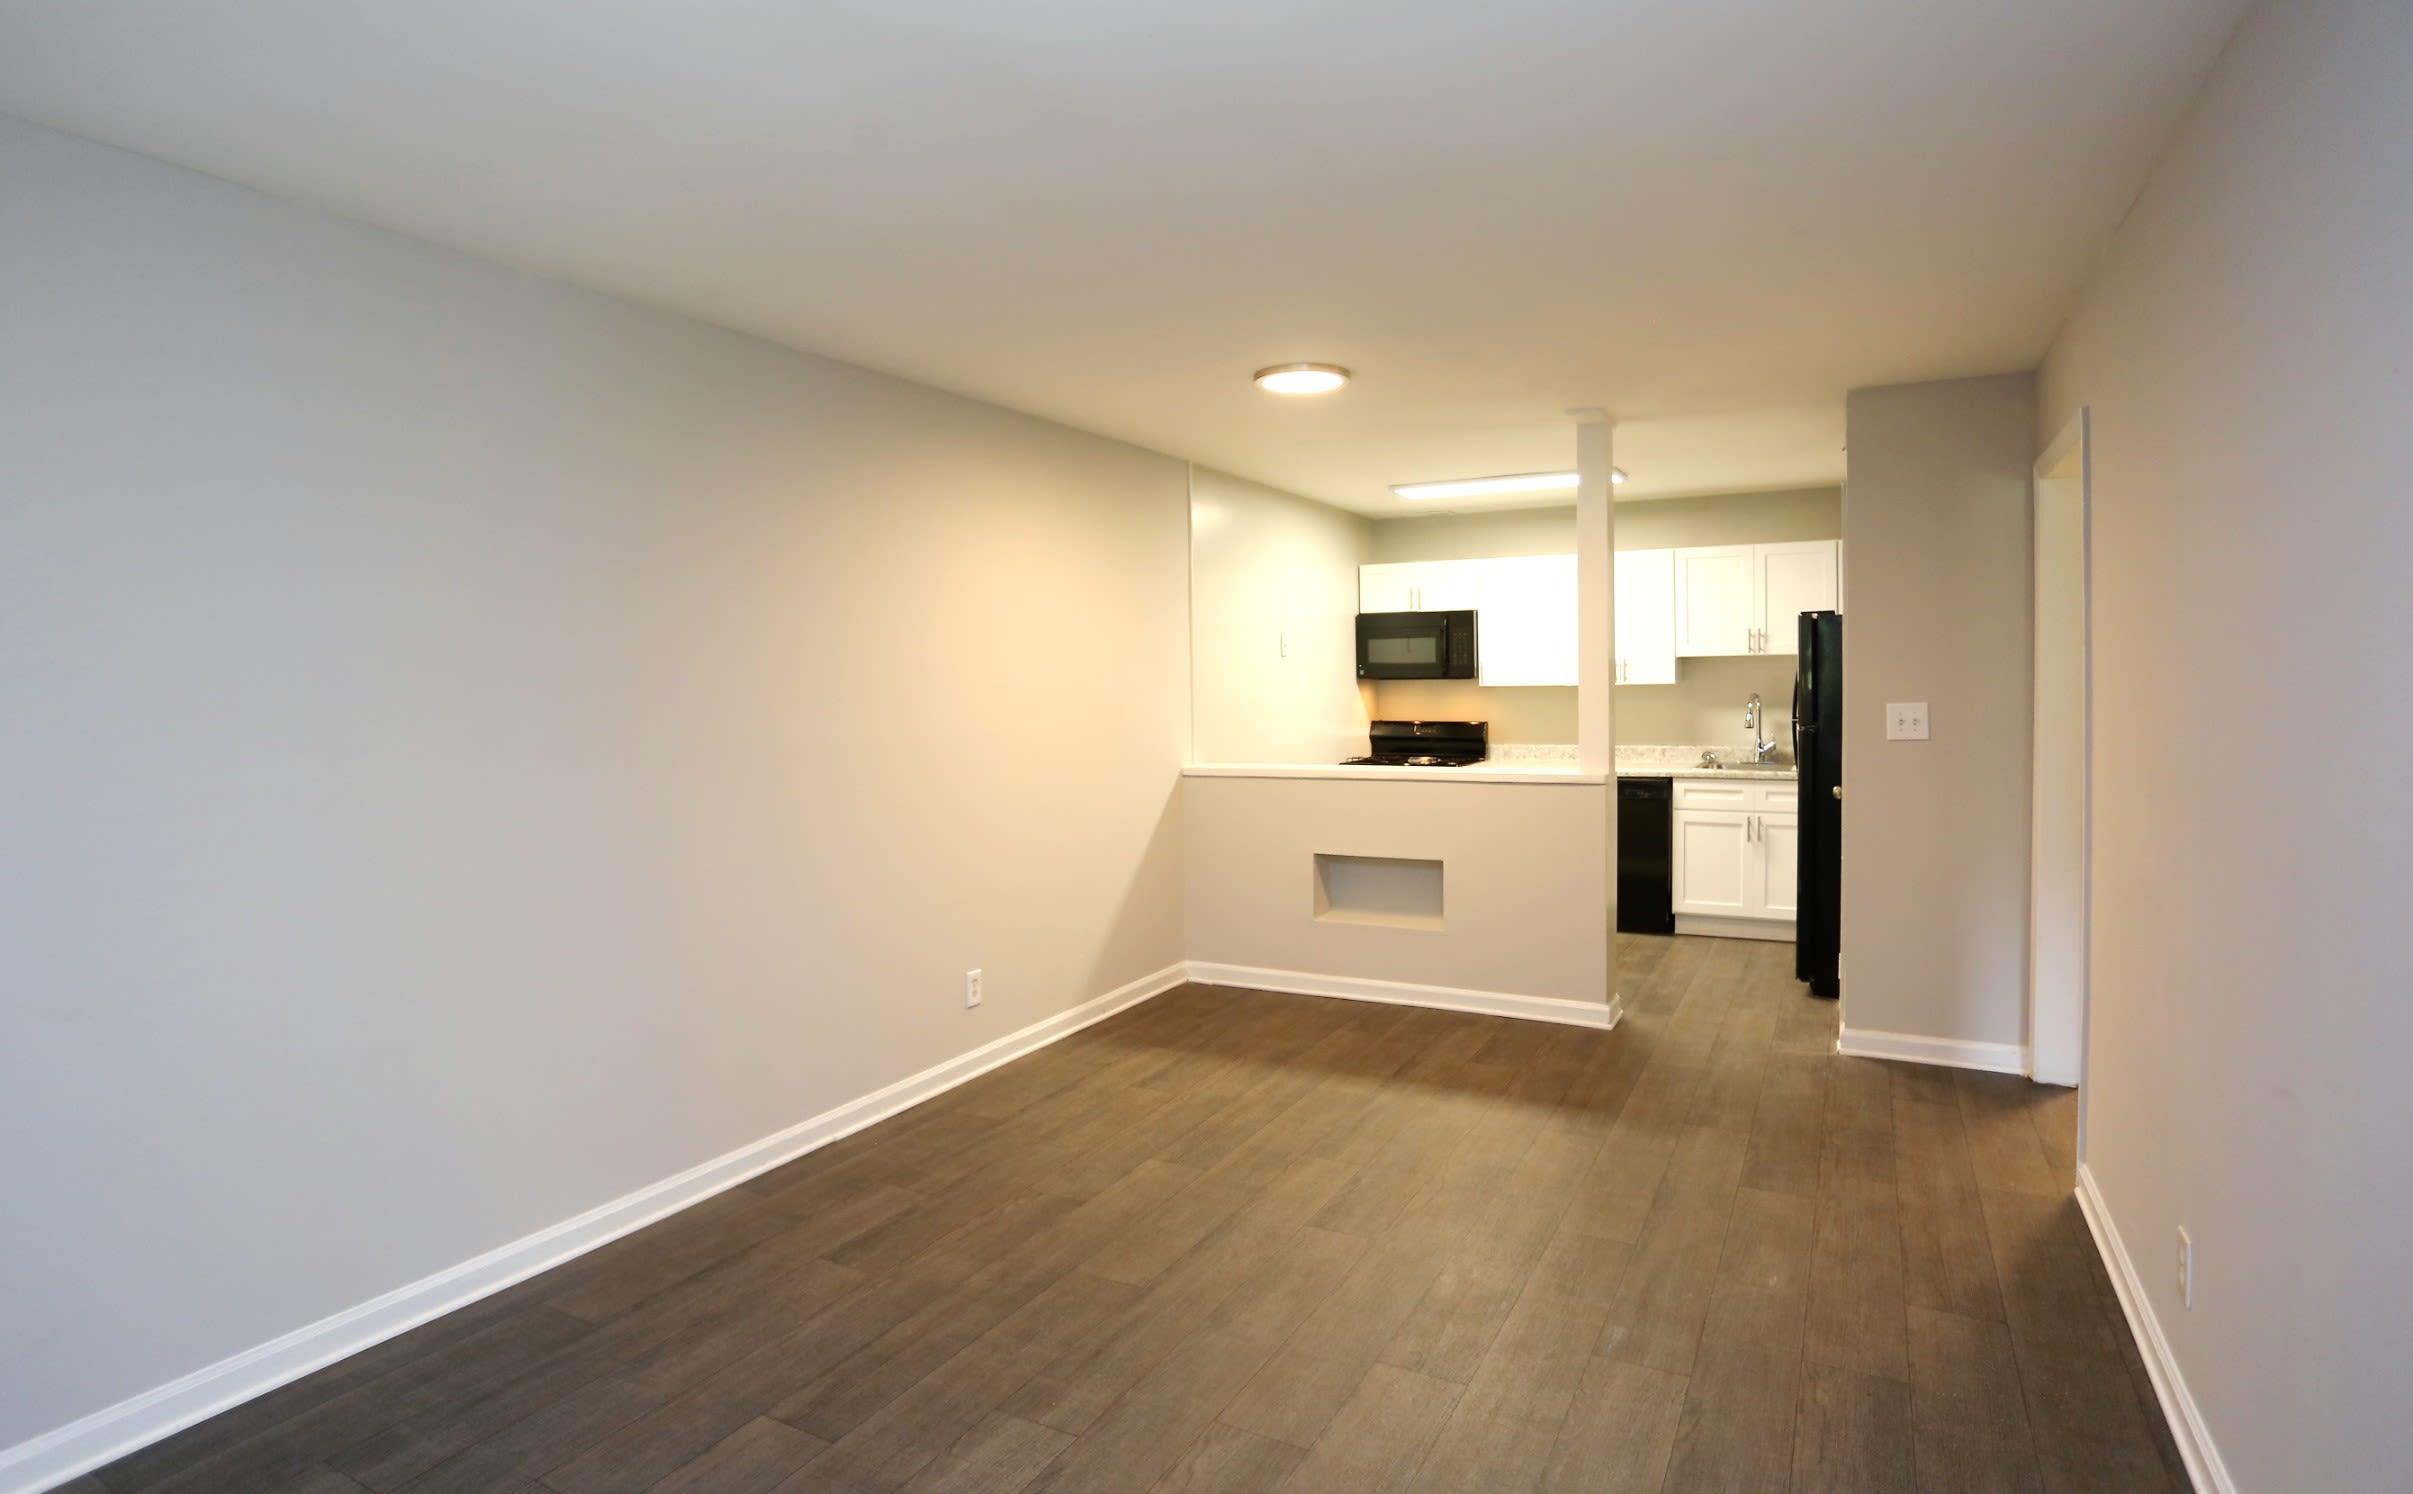 Spacious Floorplan at Greensboro, NC Apartments